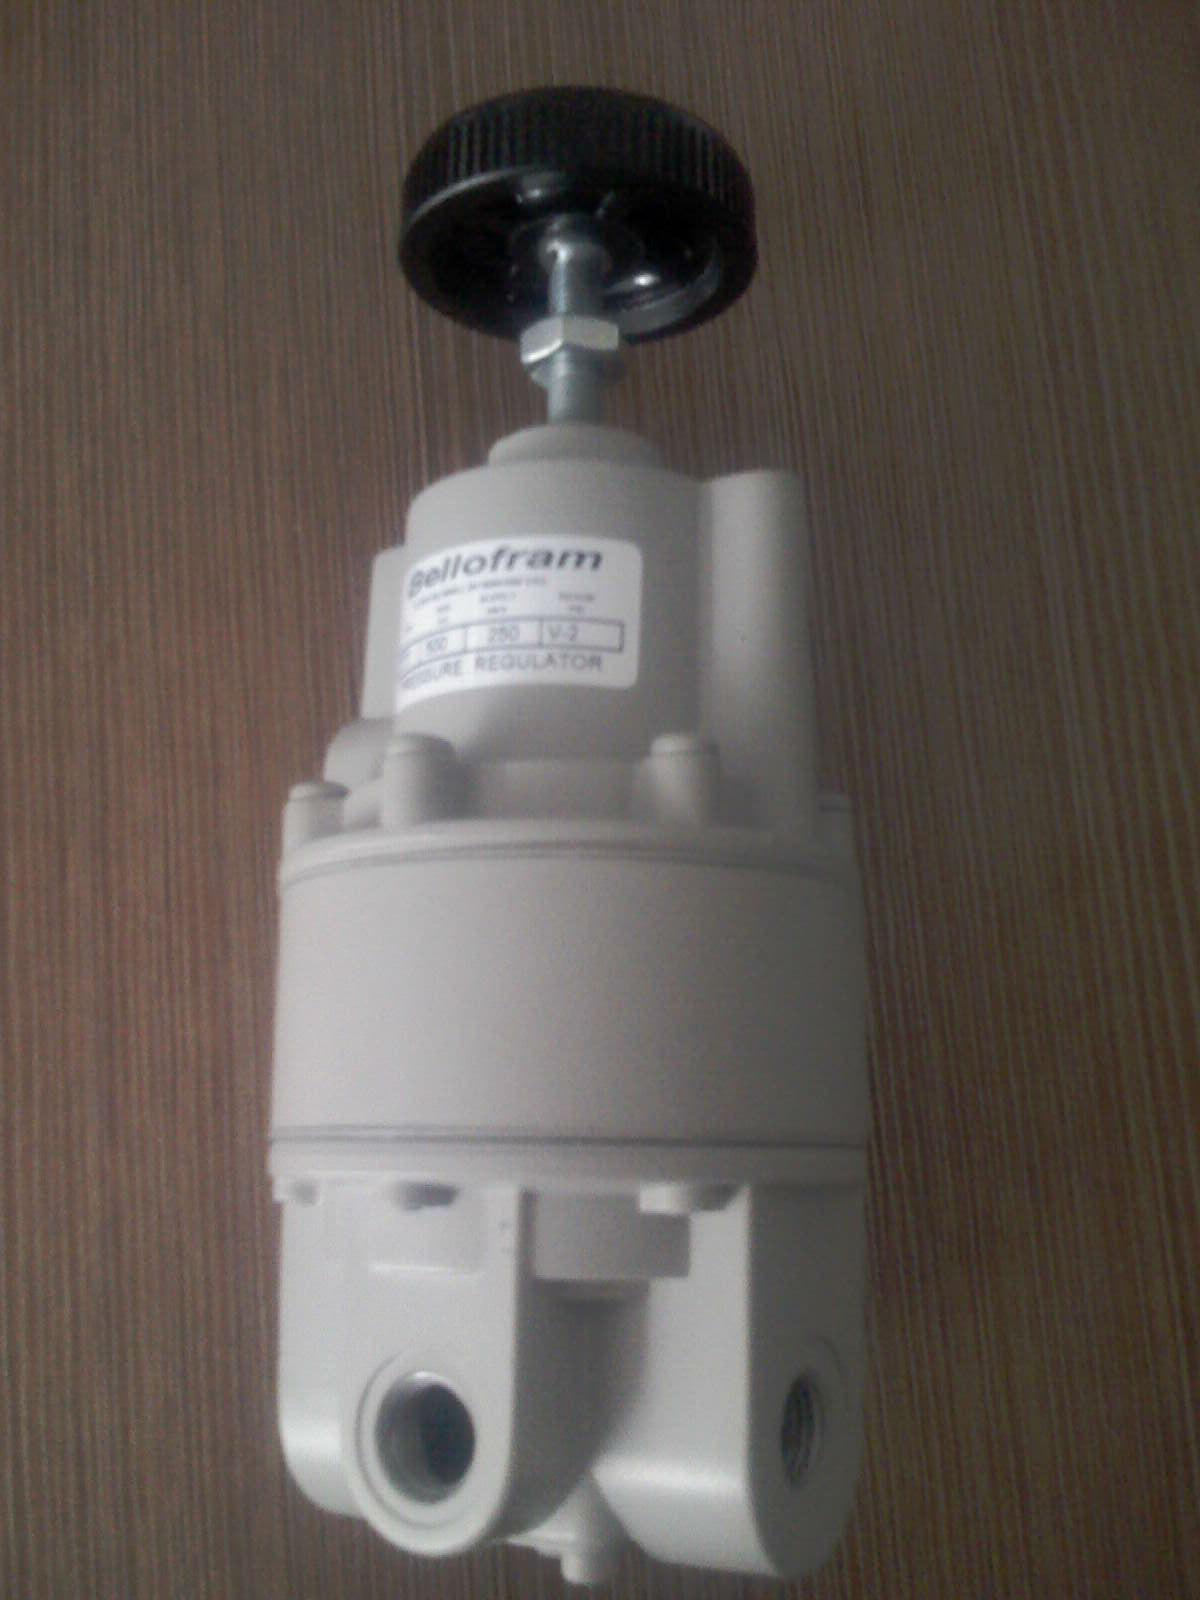 купить US BELLOFRAM T77 vacuum regulator 960-502-000 30PSI vacuum low pressure regulator недорого